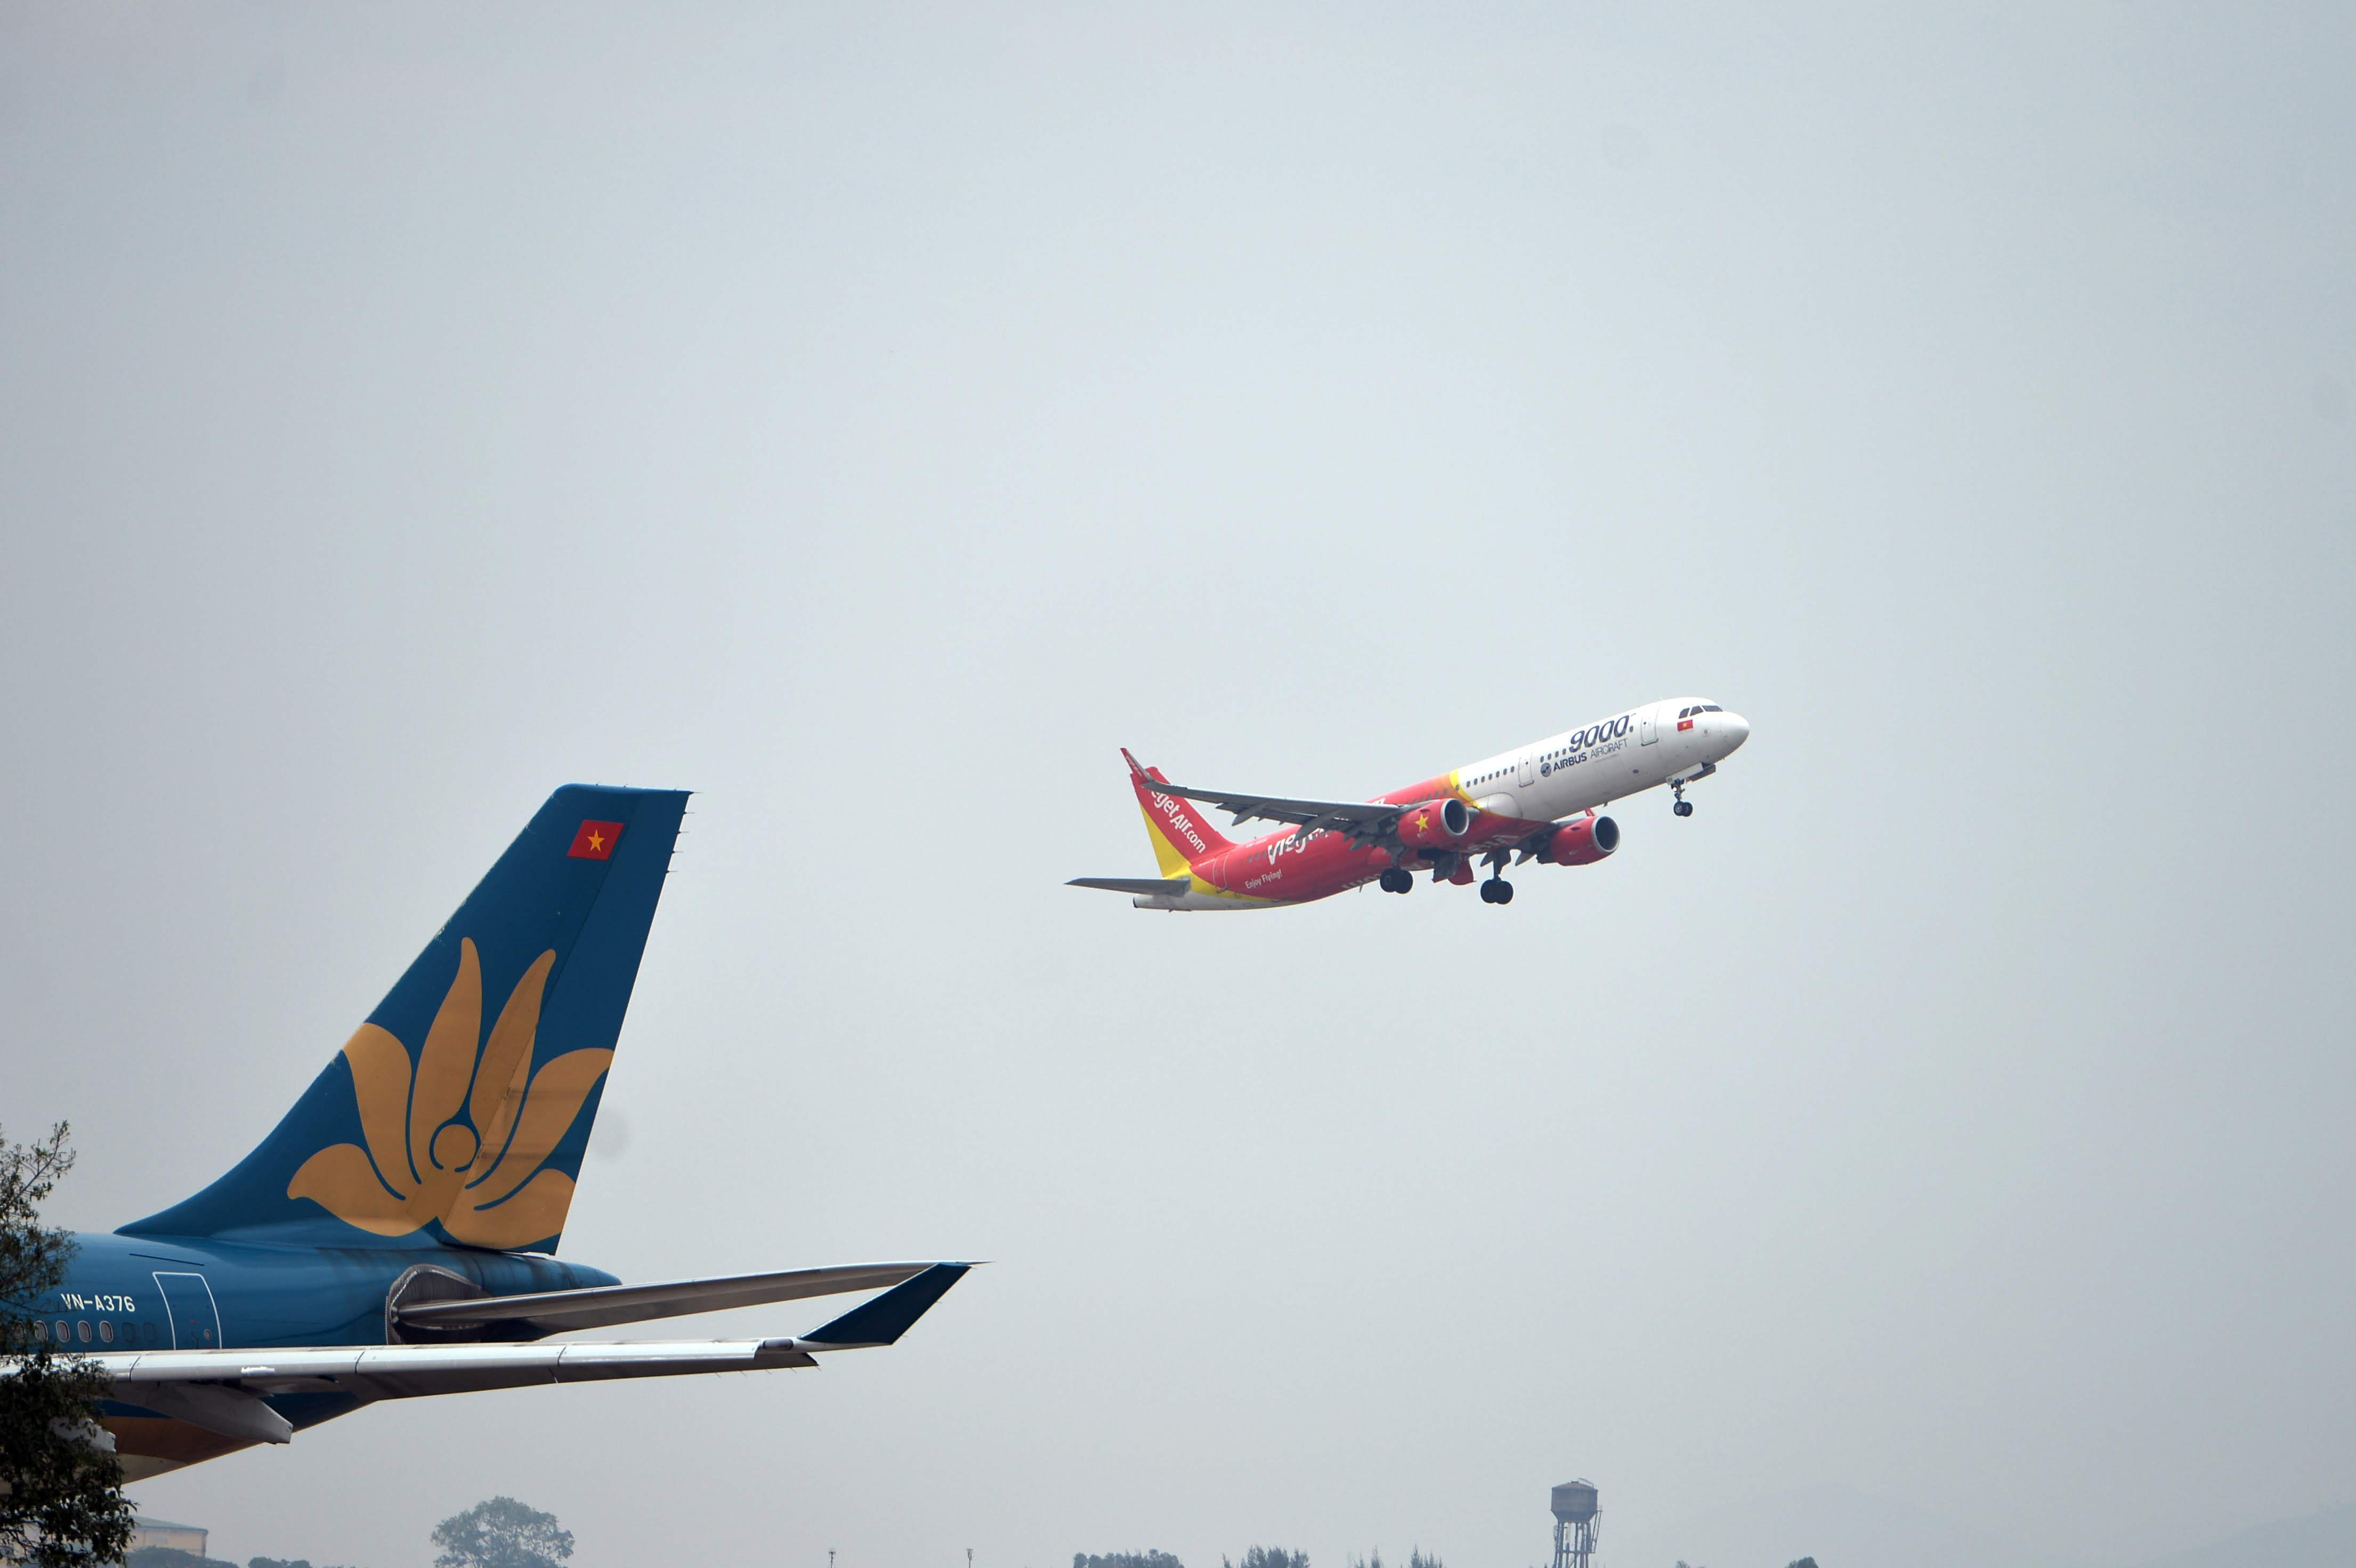 bay tp.hcm ha noi thang 7 anh 1  - vjc_hvn_zing - Đề xuất chỉ khai thác 2 chuyến bay/ngày từ TP.HCM ra Hà Nội